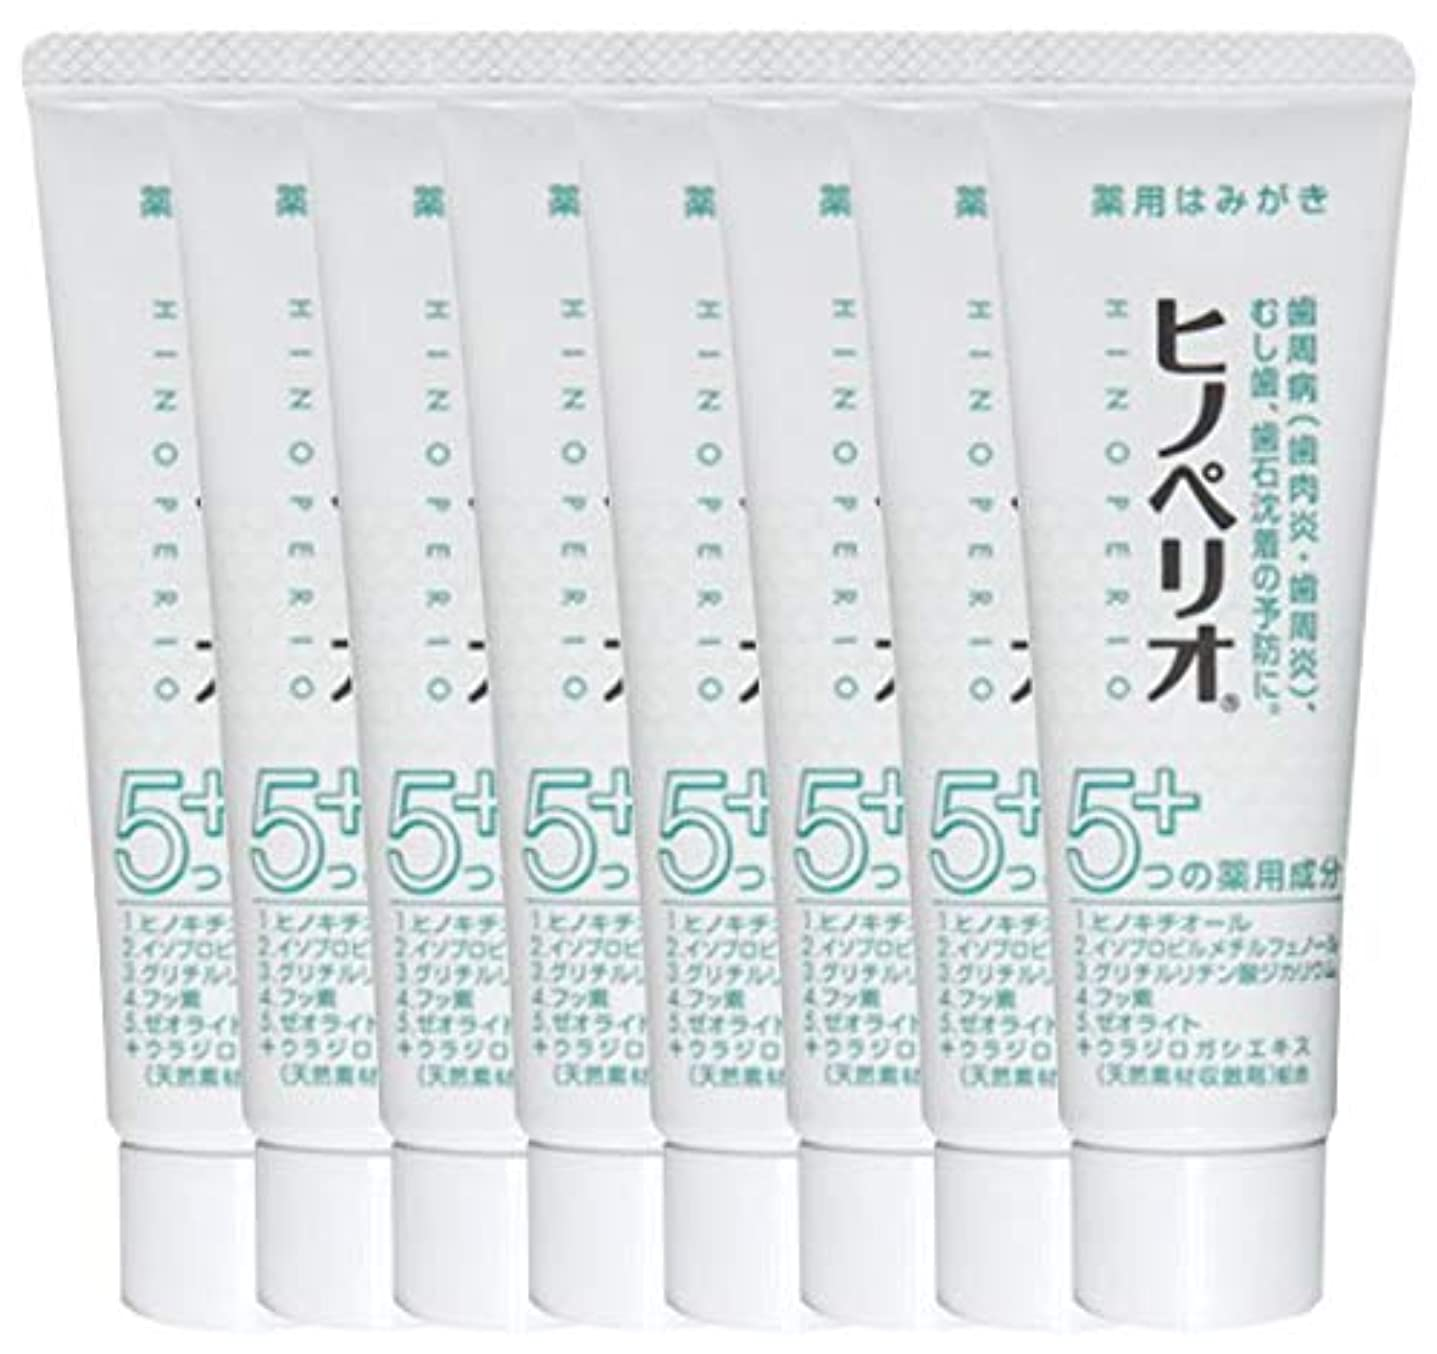 グレード保有者交差点昭和薬品 ヒノペリオ60g 医薬部外品 × 8本